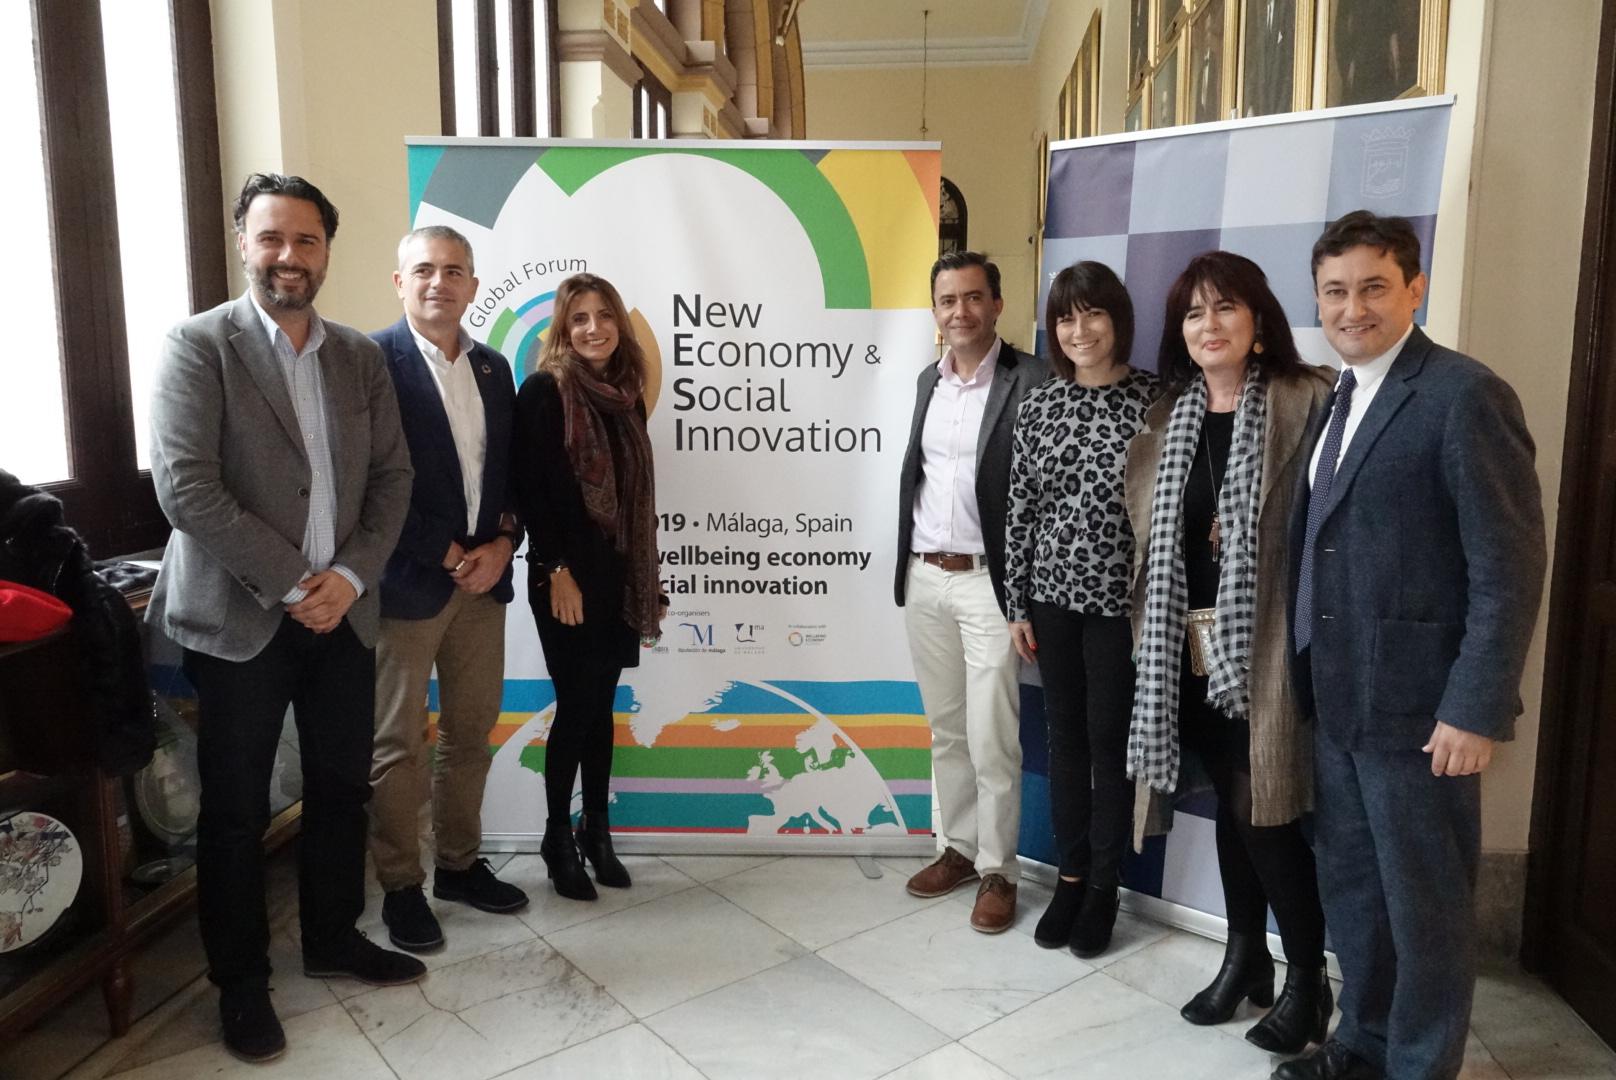 Momento del anuncio oficial de la convocatoria de la segunda edición en Málaga del NESI nGlobal Forum. Foto: Nesi Forum.